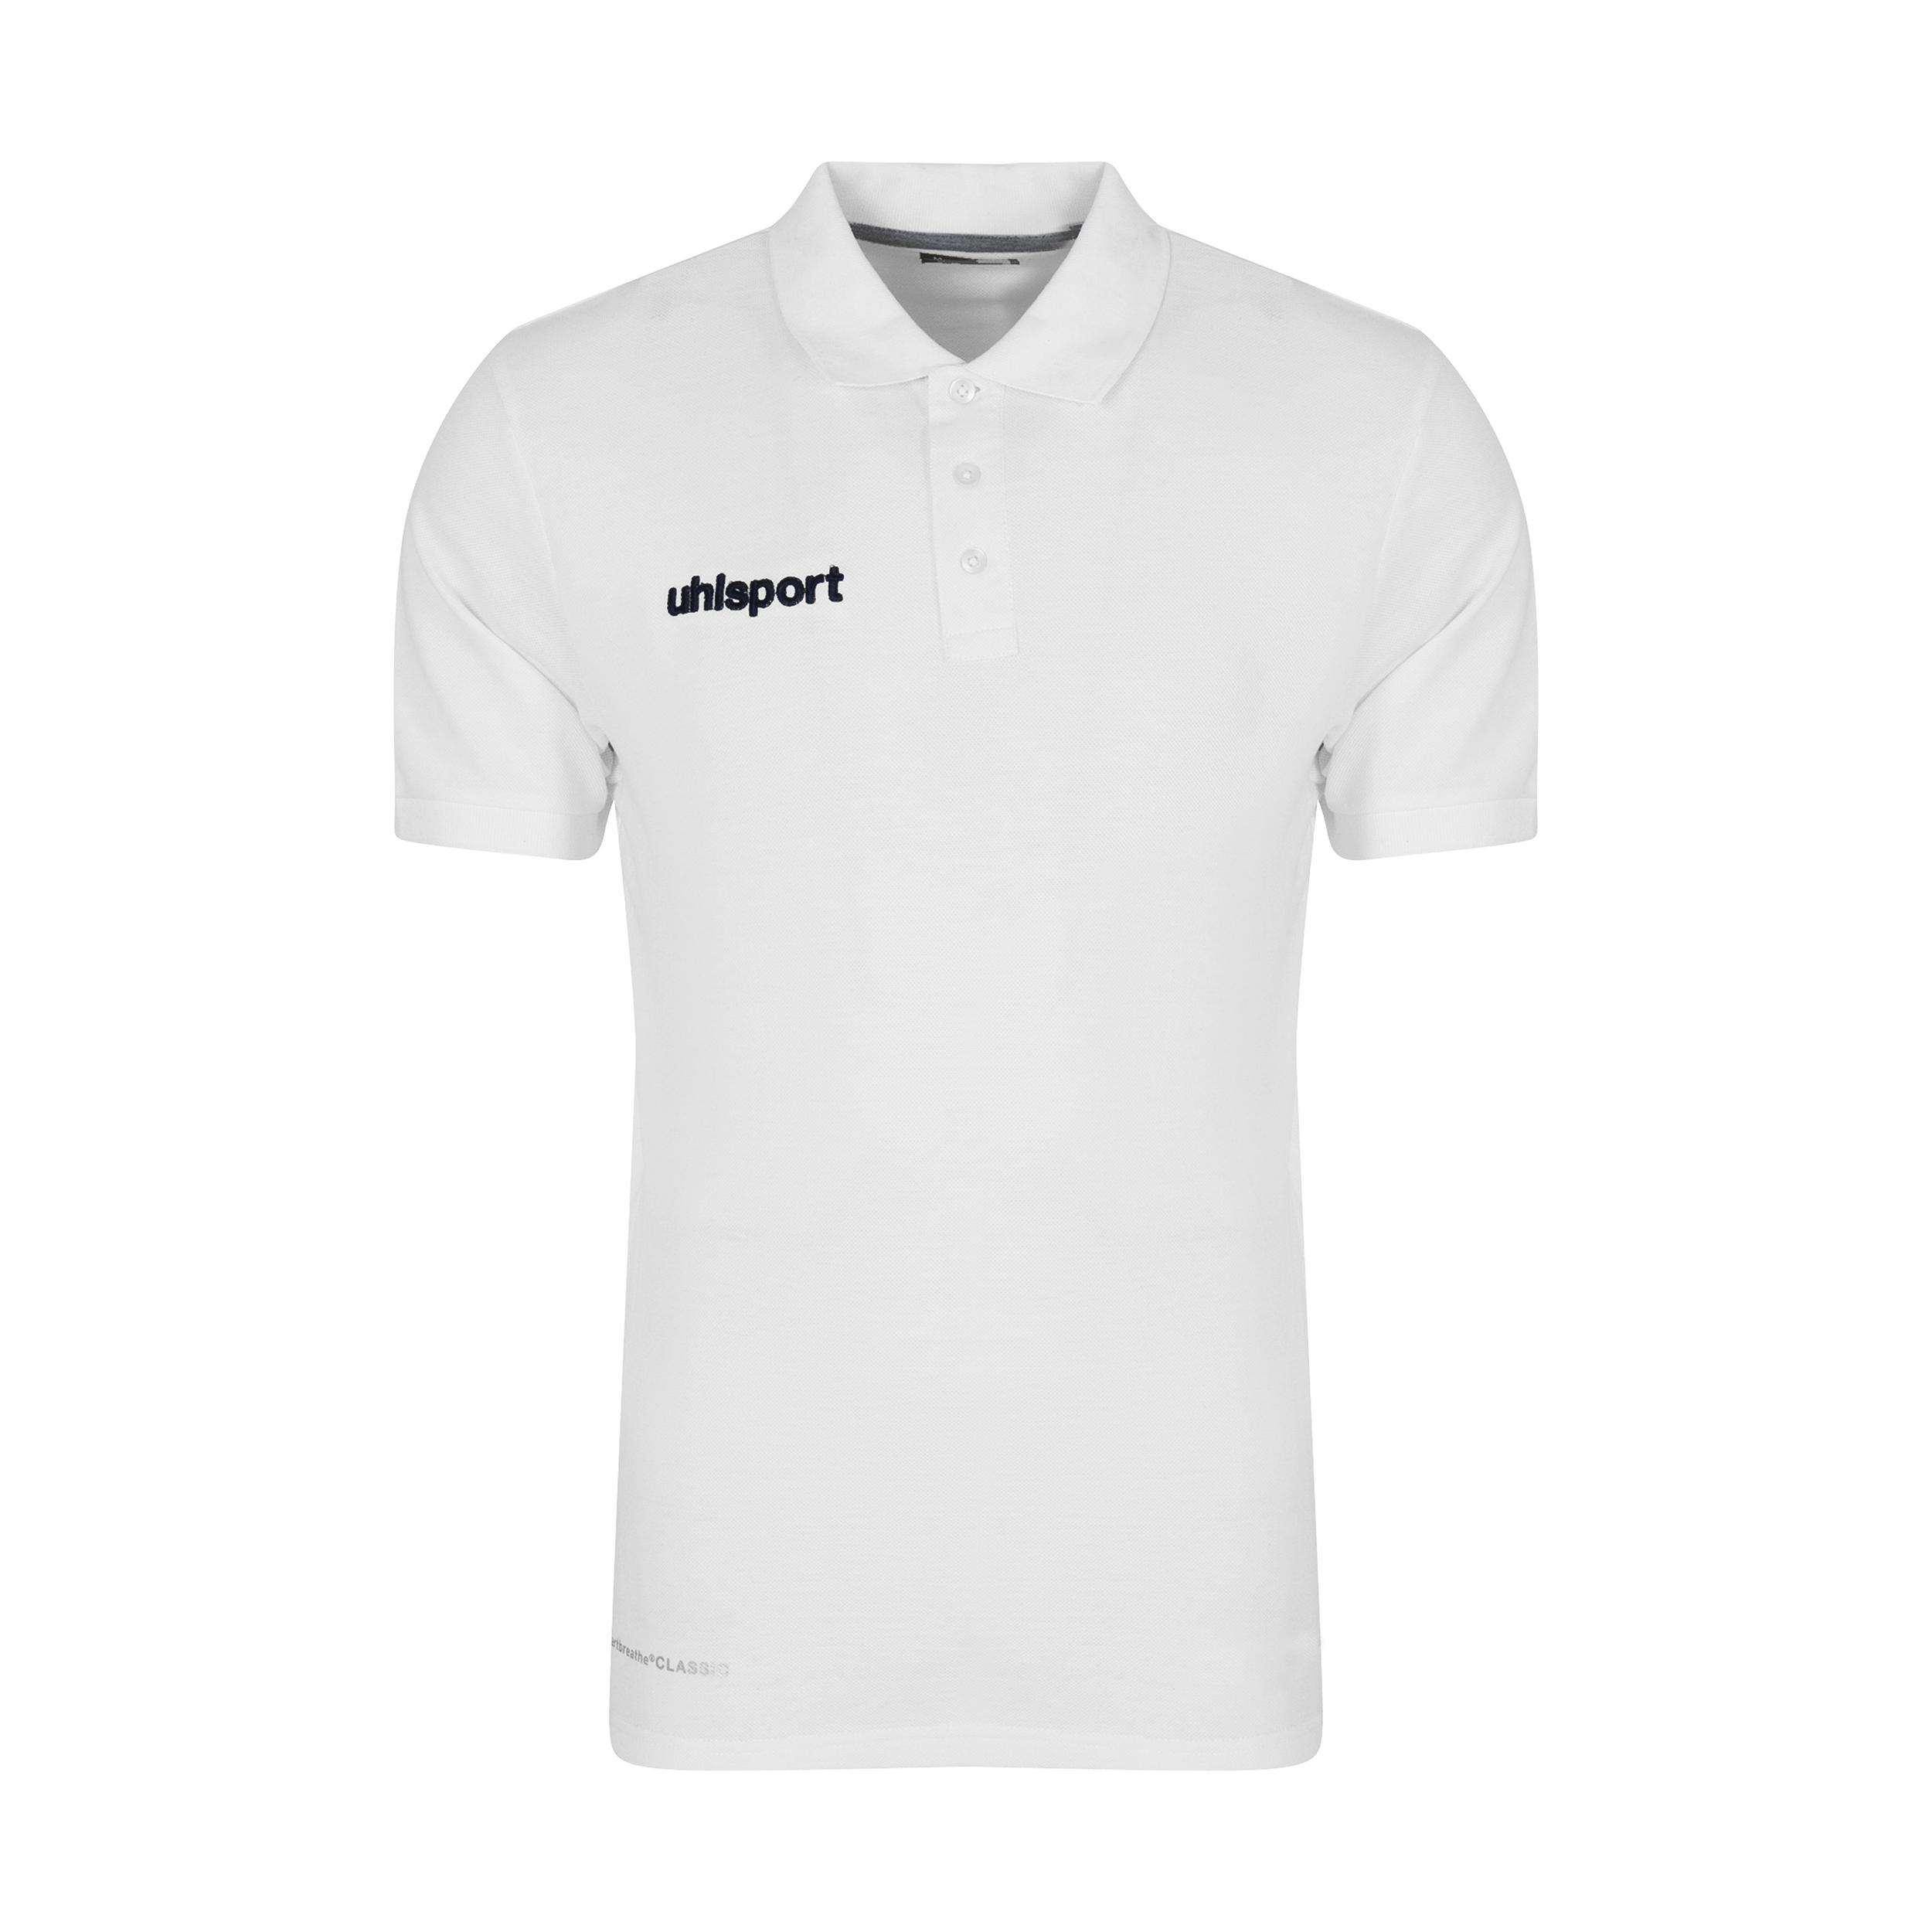 پولوشرت ورزشی مردانه آلشپرت مدل MUH274-002